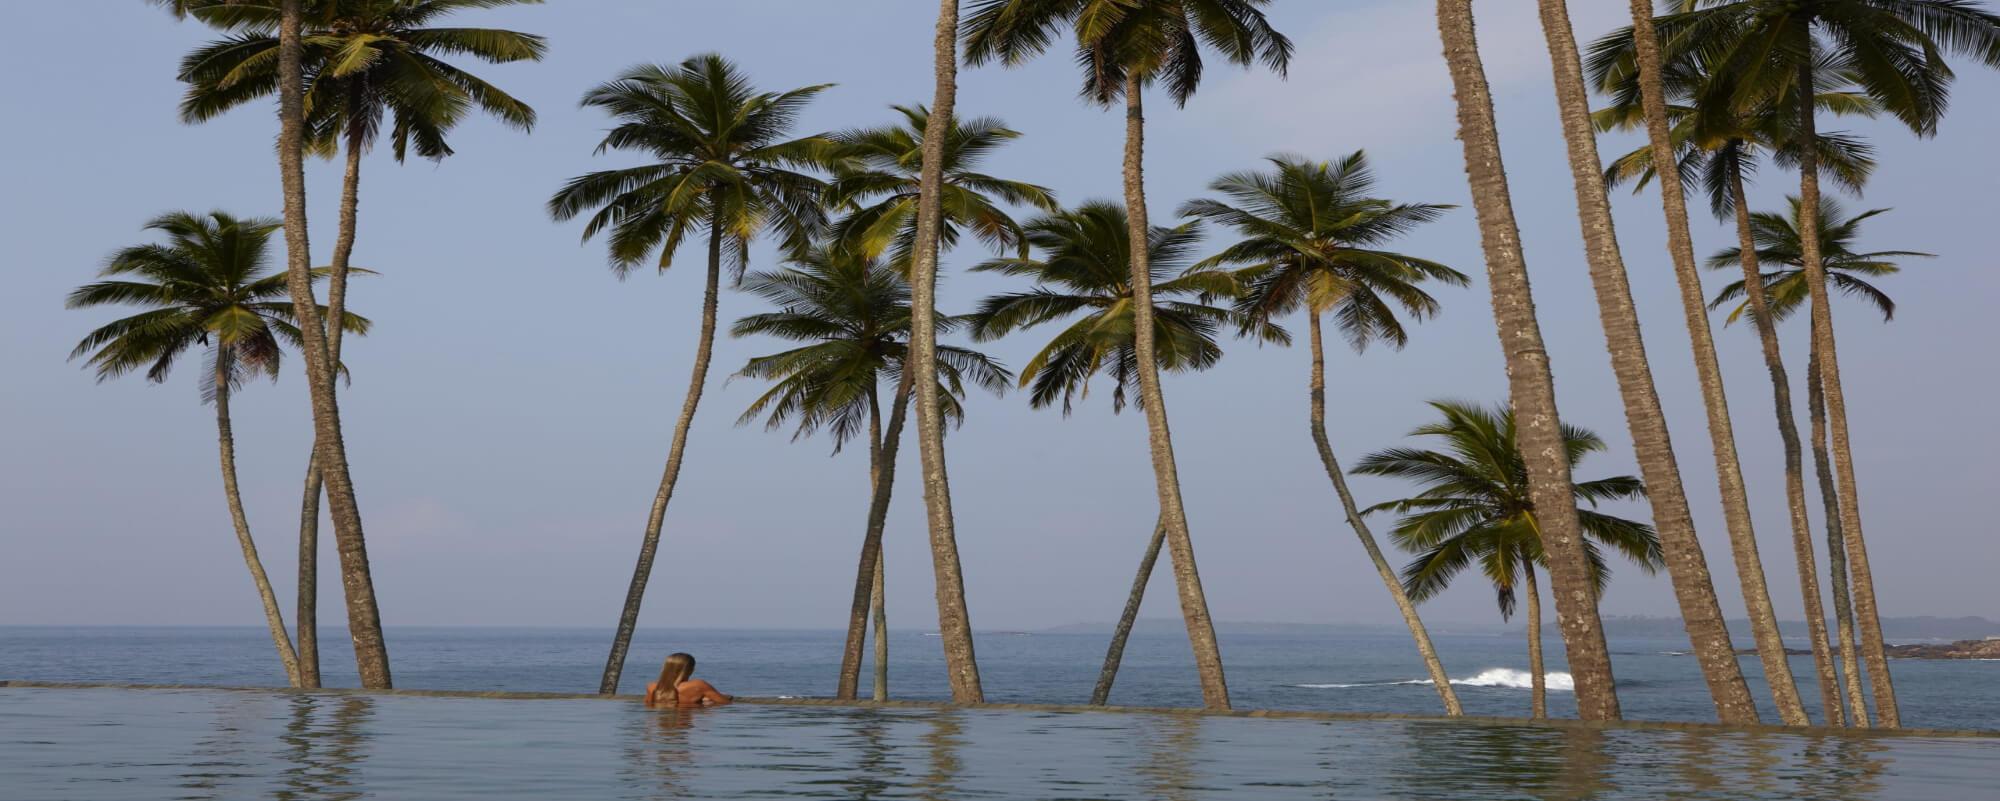 Amanwella Sri Lanka Swimming Pool